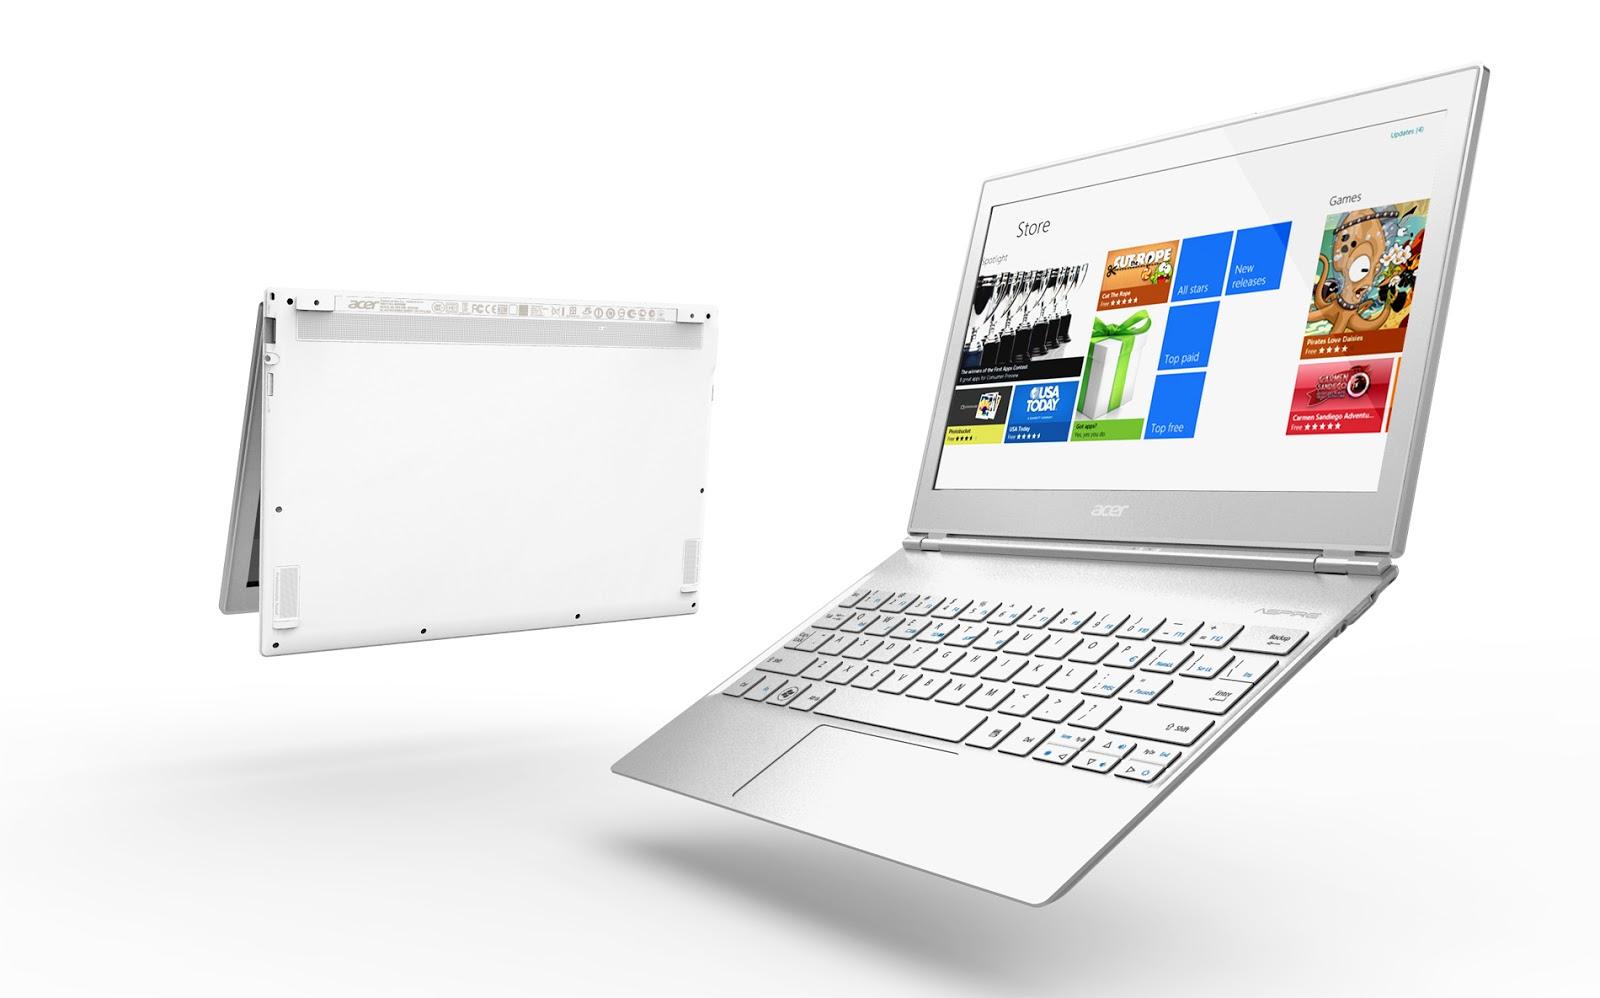 Драйвера для Acer Aspire 6920 и 6920G 27